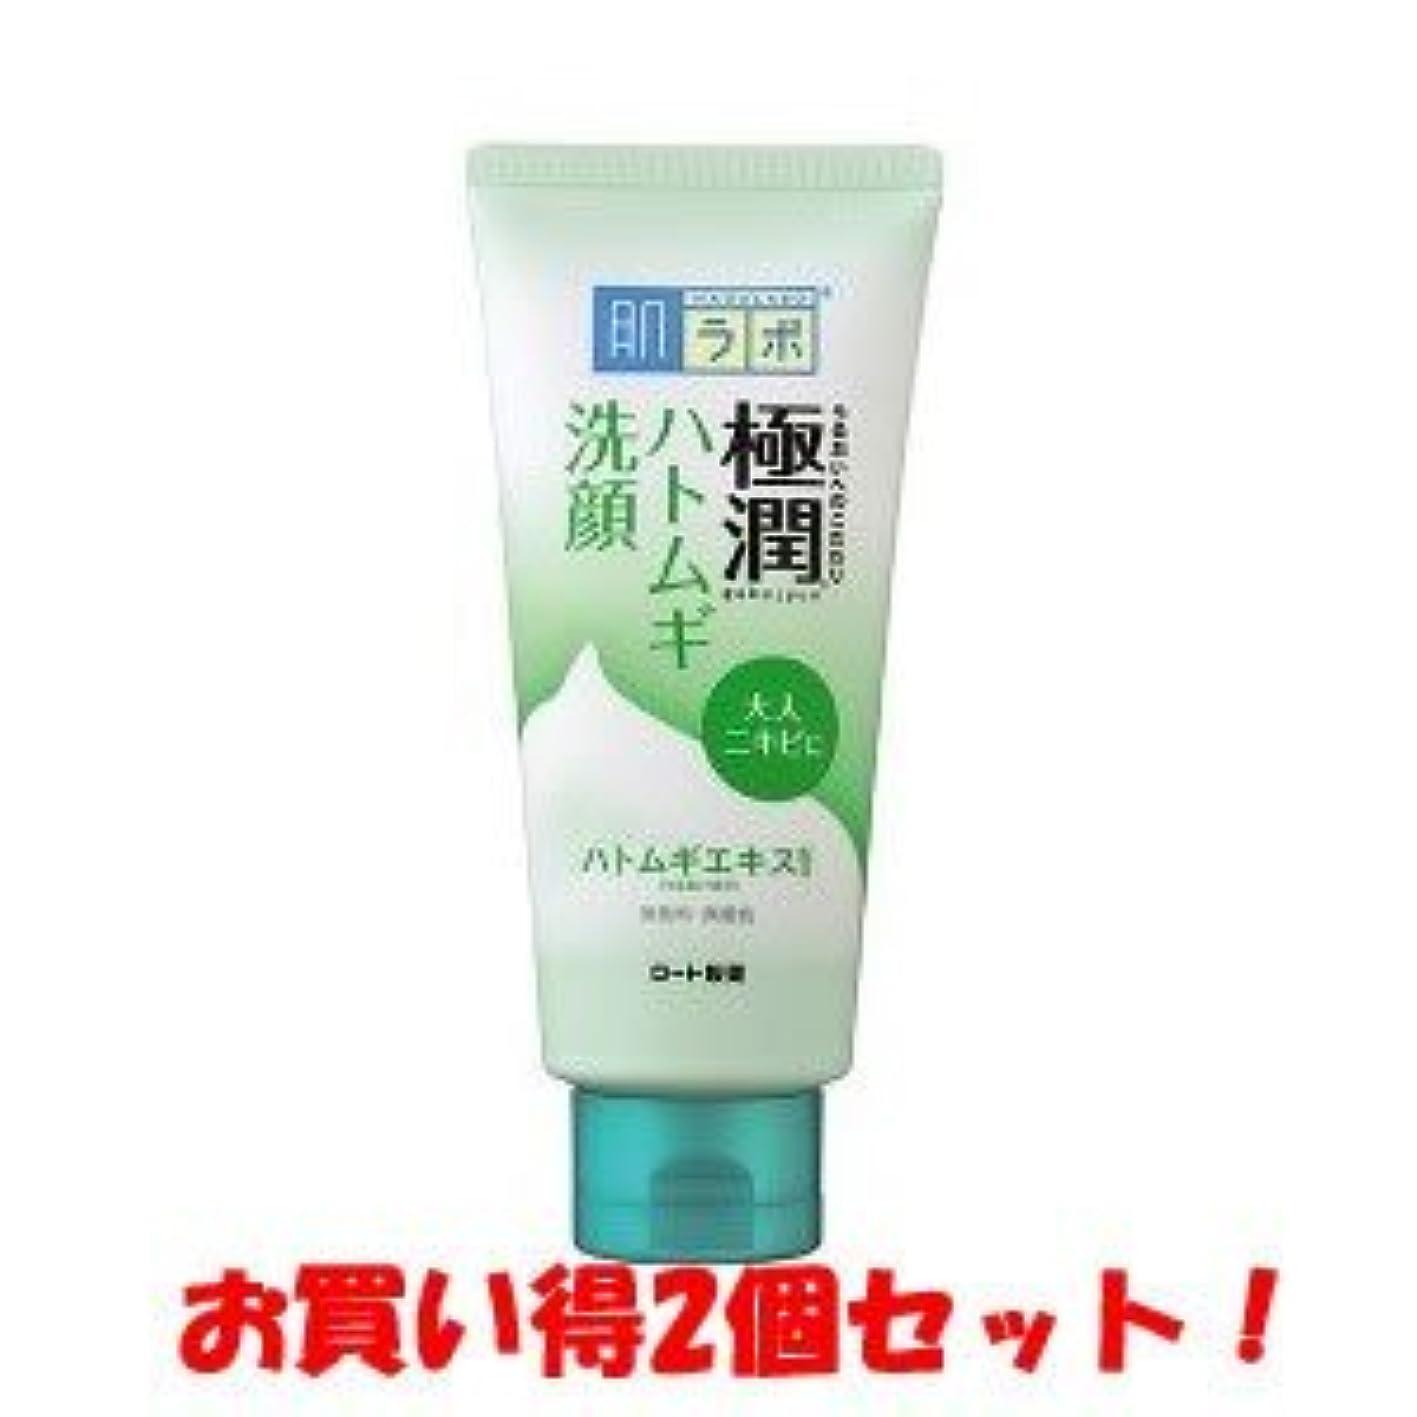 我慢するナビゲーション安価な(ロート製薬)肌研 極潤 ハトムギ洗顔フォーム 110g(お買い得2個セット)